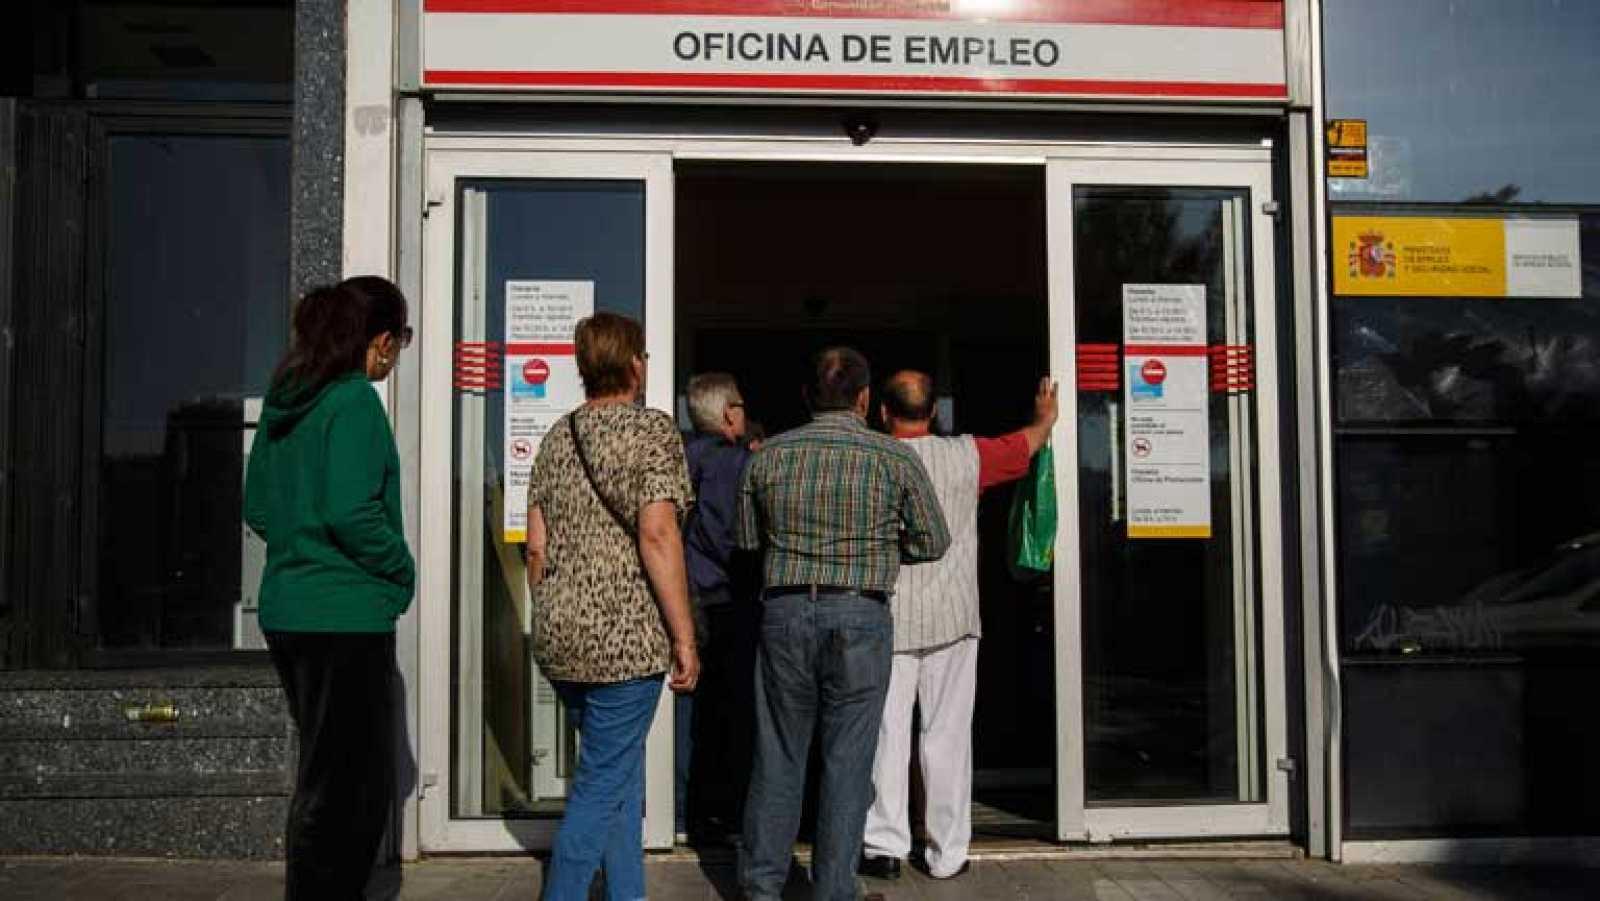 Desempleo y corrupción son las principales preocupaciones según el CIS